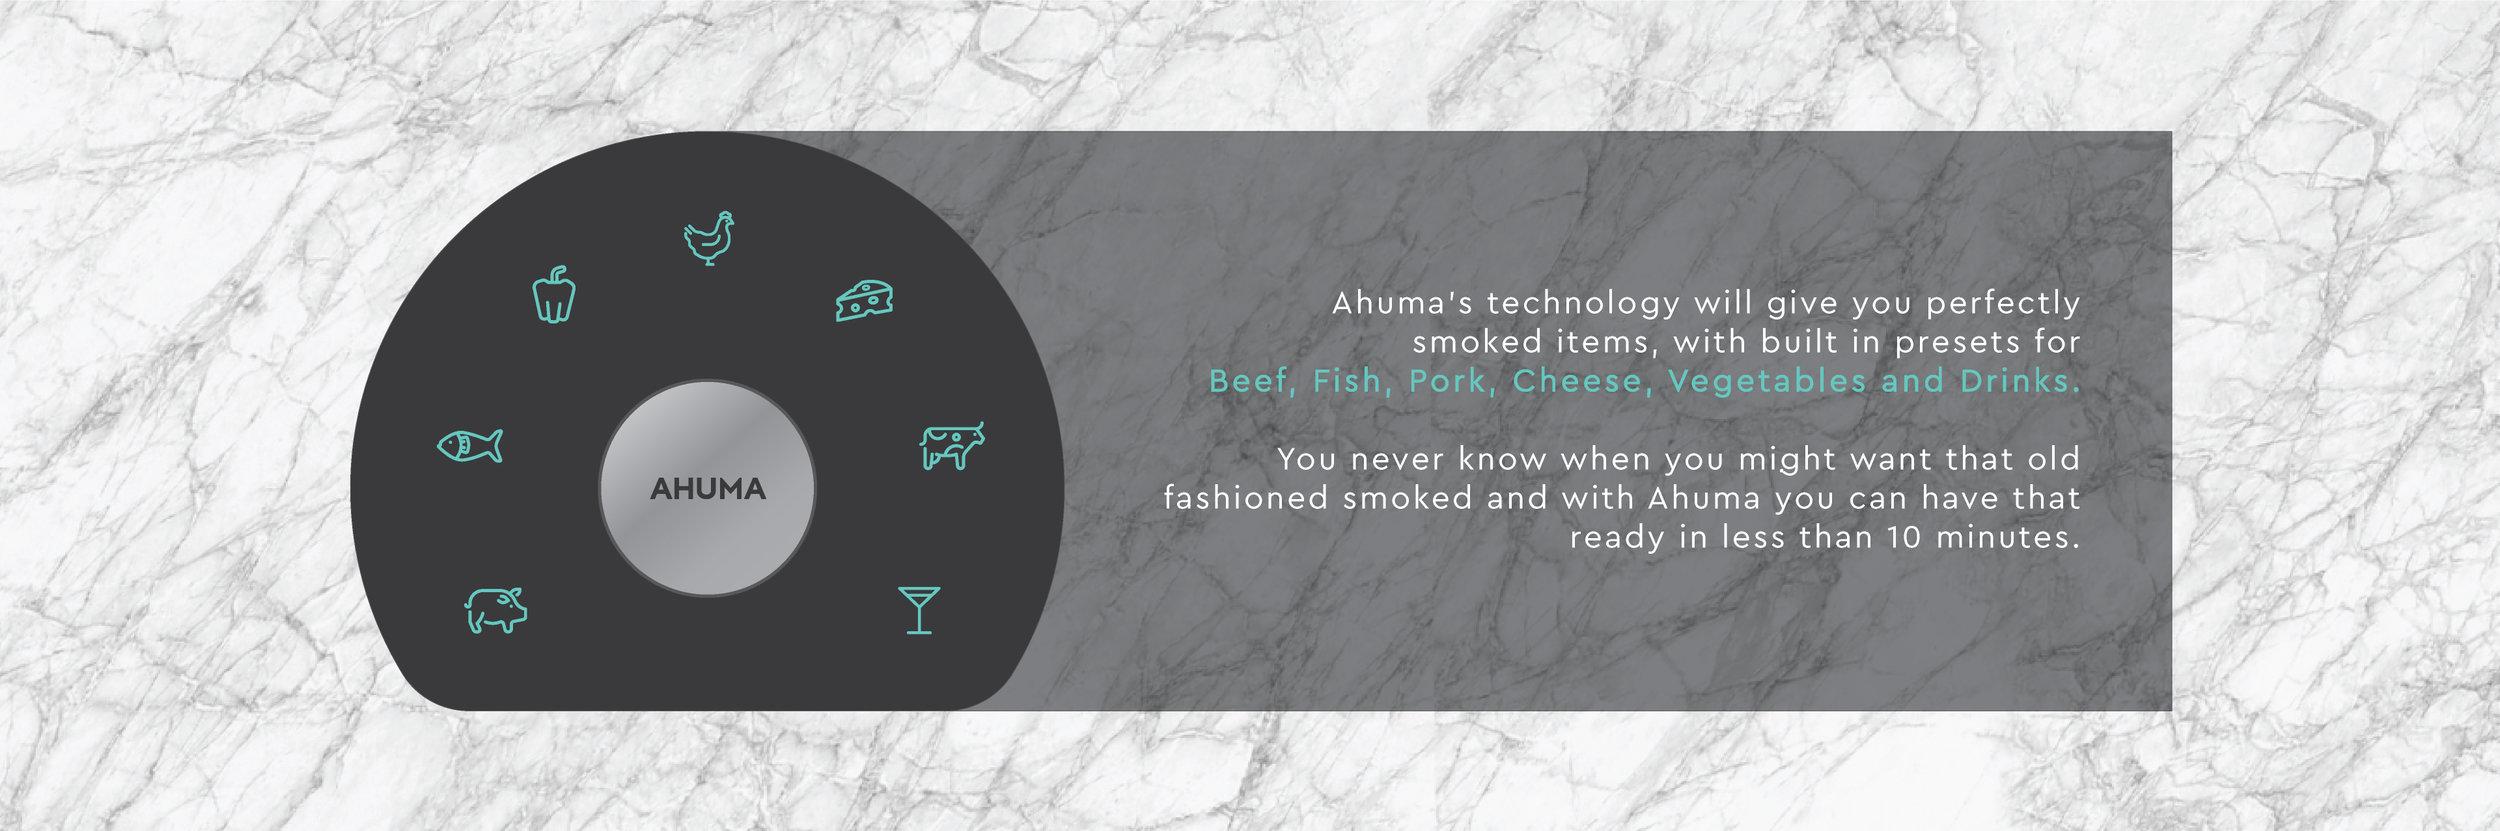 ahuma-smokesettings.jpg